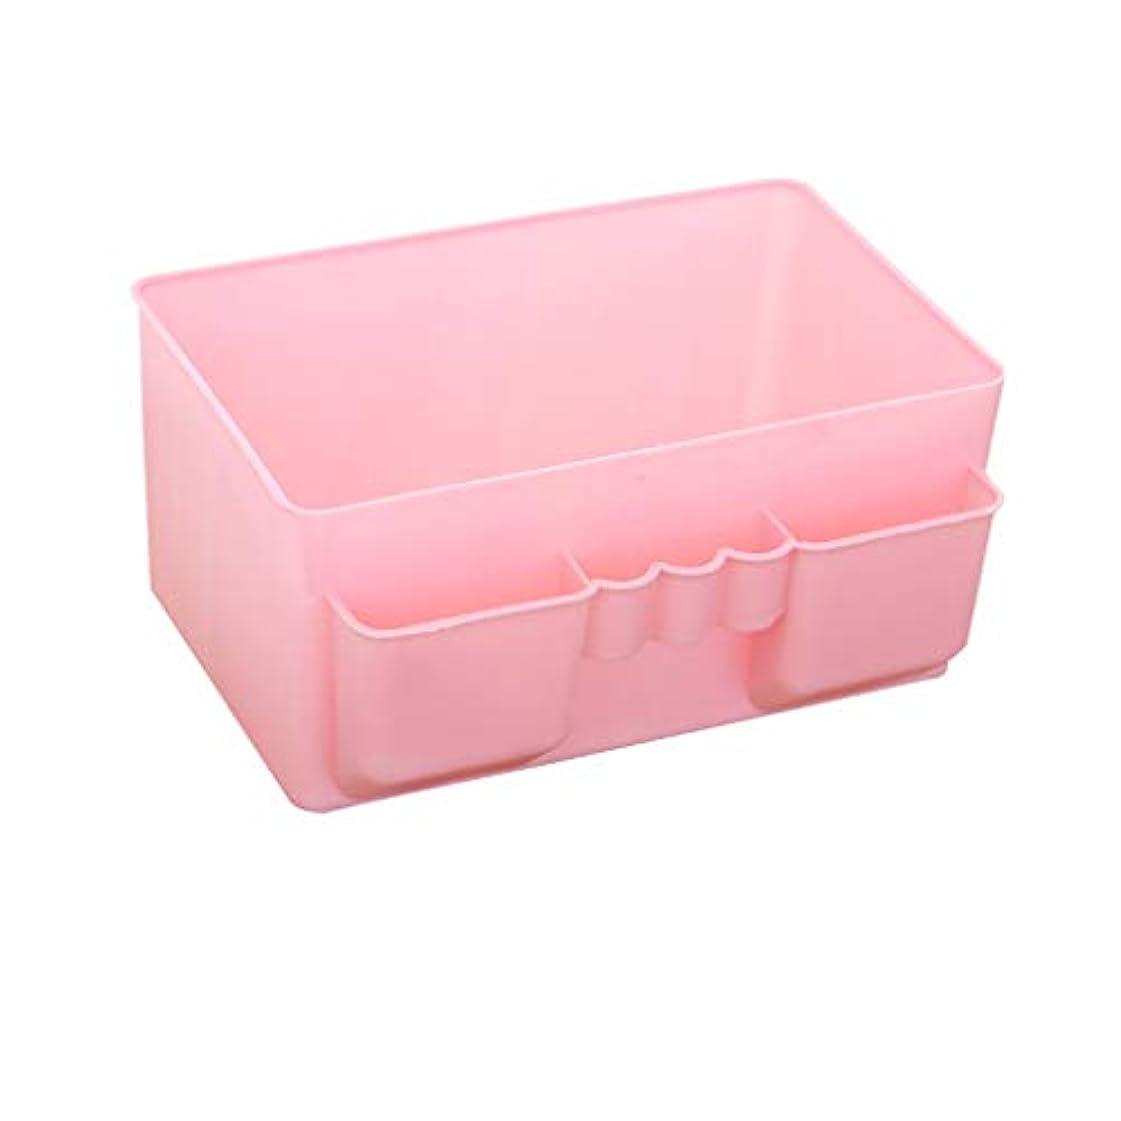 説教レッドデートランダムオフィス収納ラックプラスチック化粧品収納ボックスシンプルなデスクトップ口紅リモートコントロール仕上げボックス (Color : A)